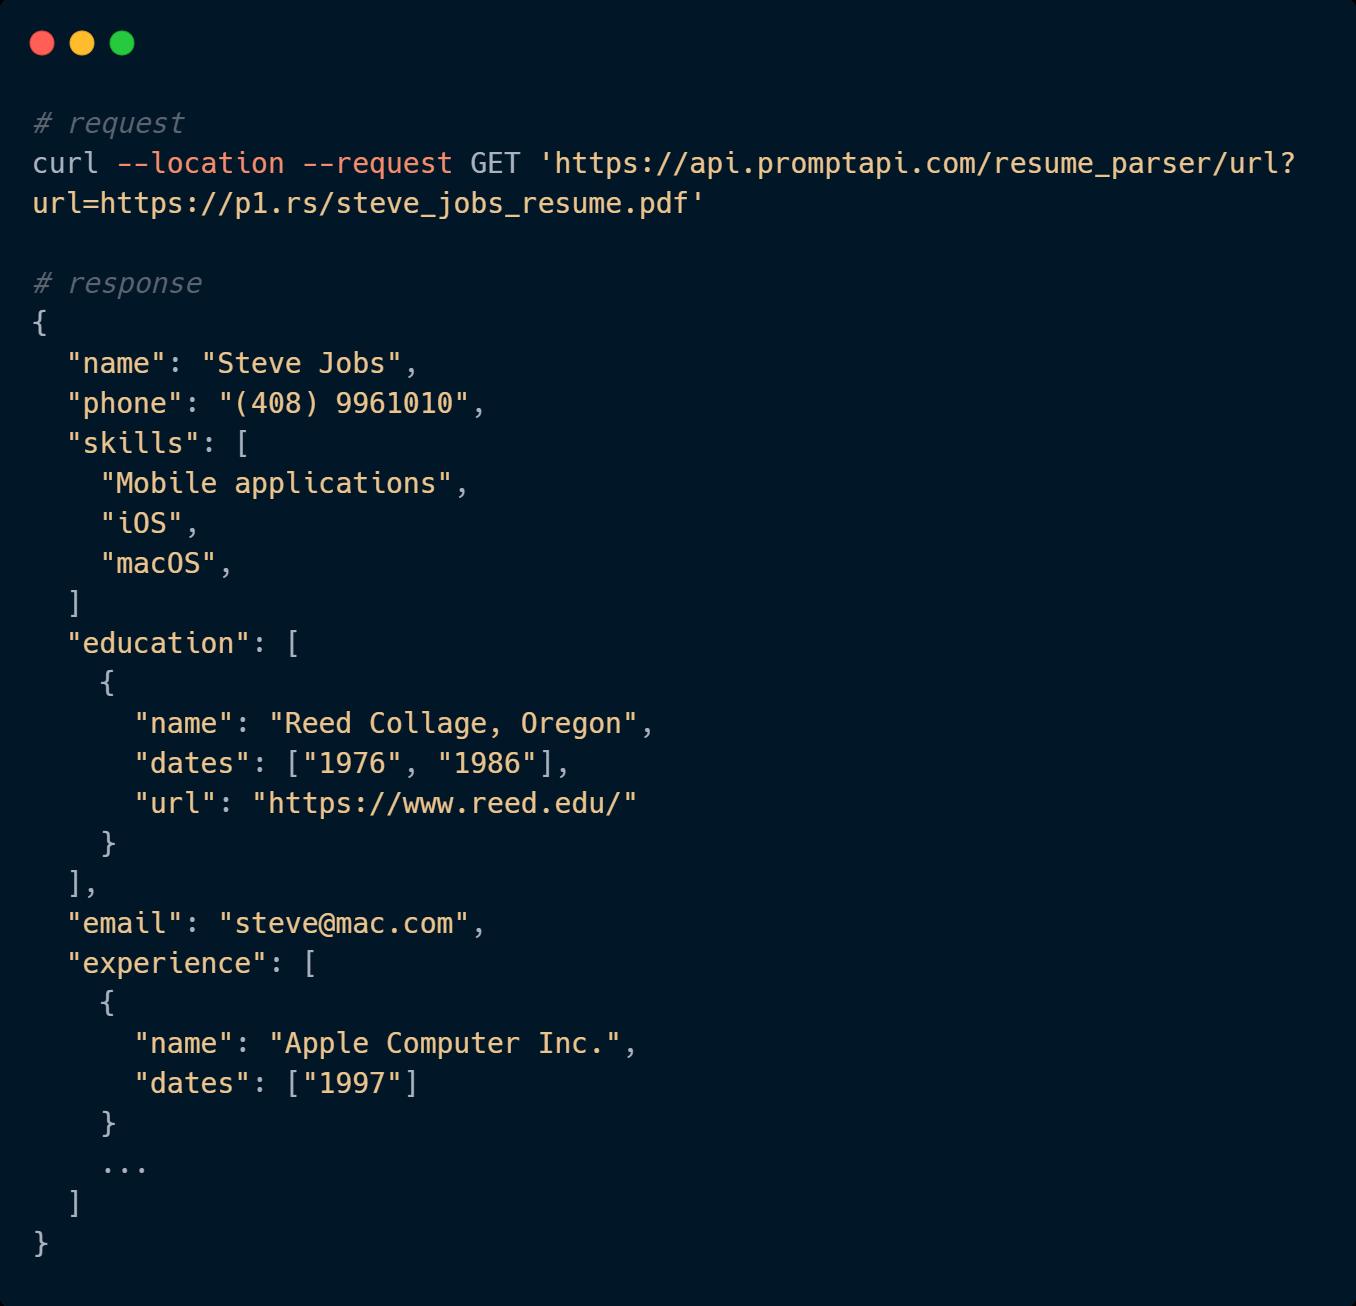 Resume Parser Code Sample